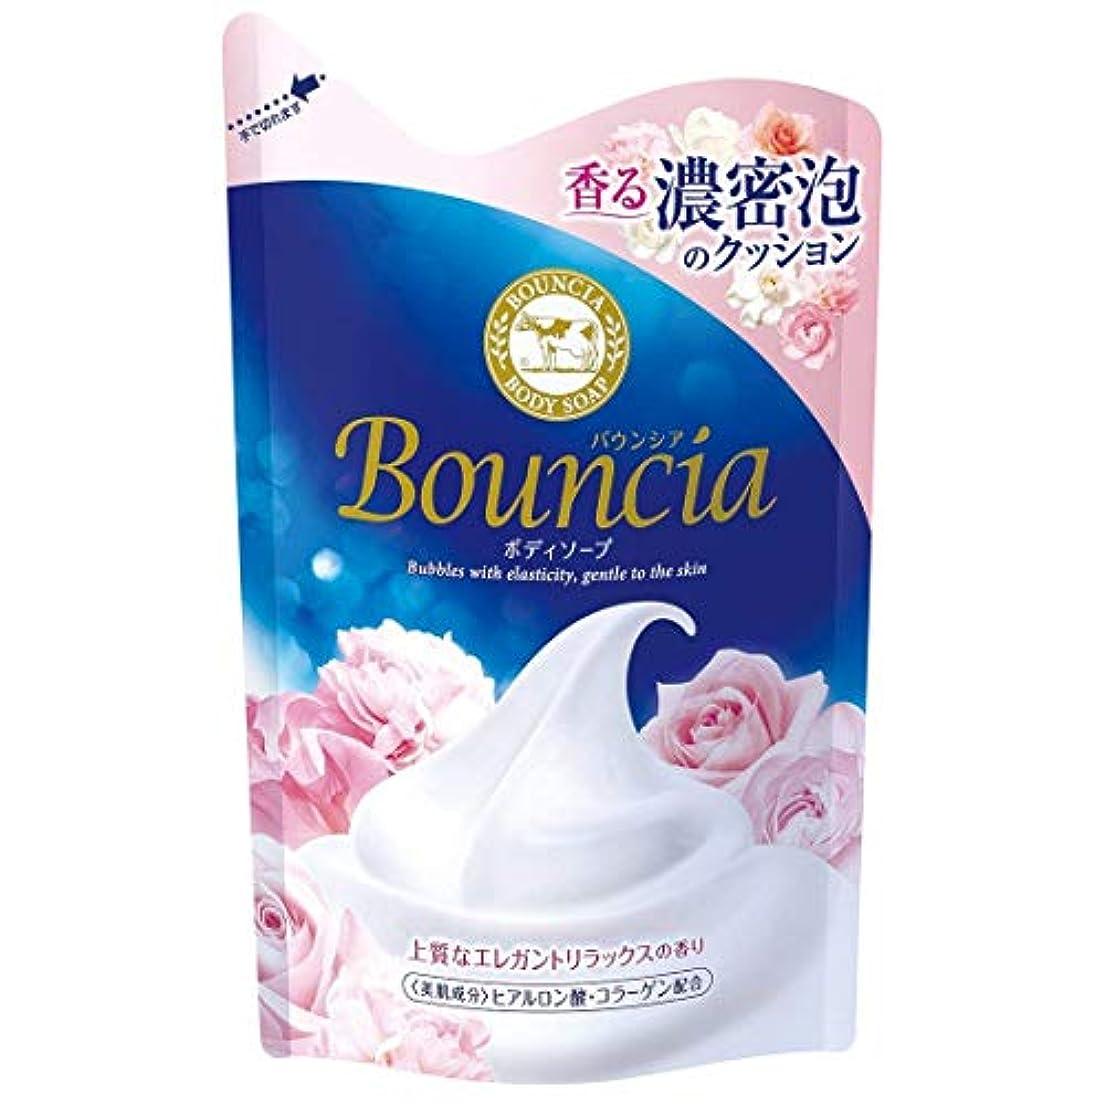 期待する立ち寄る所有者【まとめ買い】 バウンシア ボディソープ エレガントリラックスの香り つめかえ用 430ml × 3個